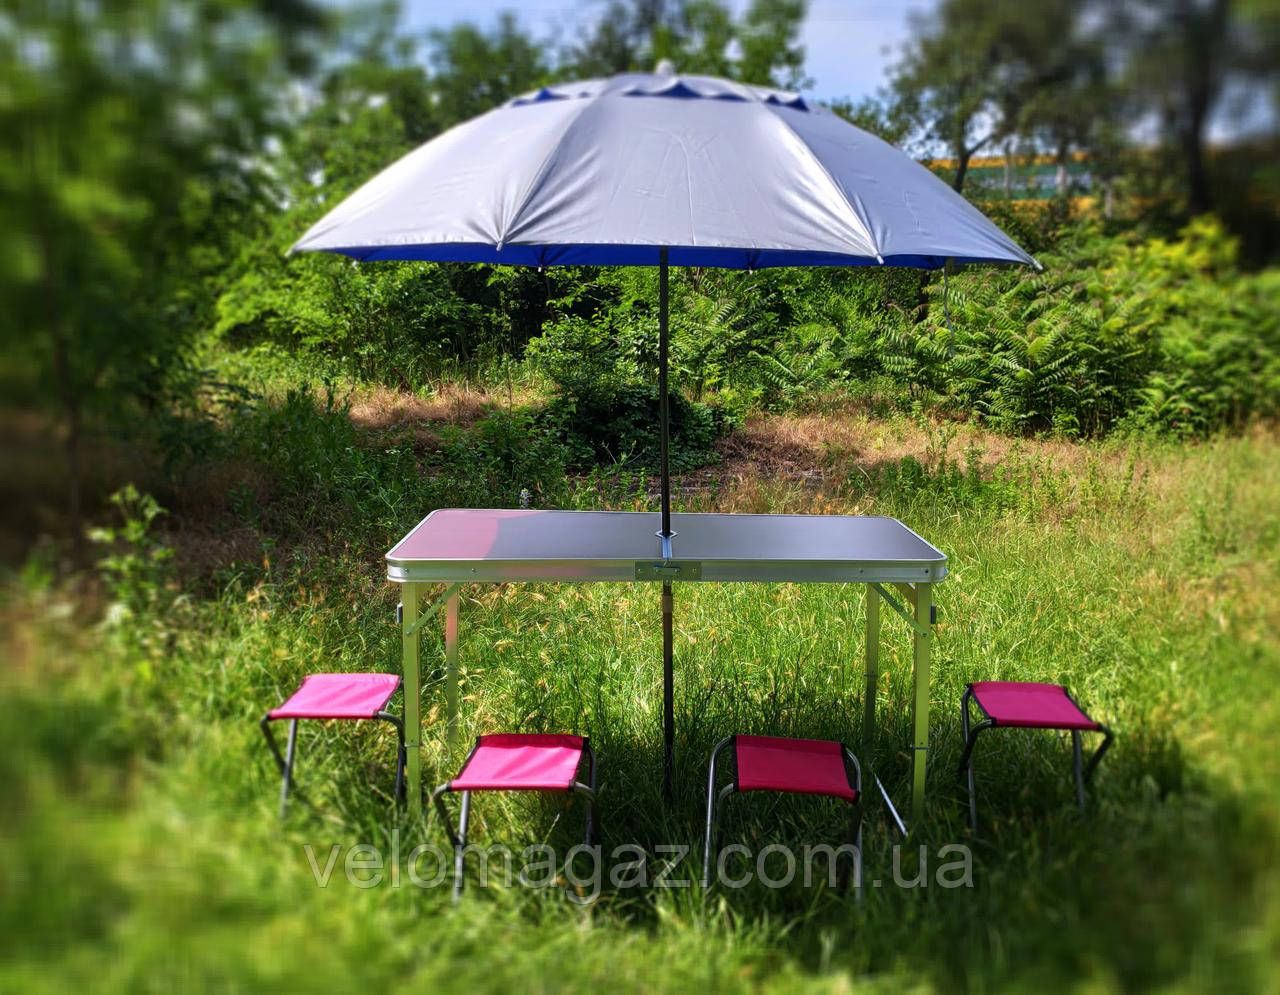 ПОСИЛЕНИЙ зручний розкладний стіл для пікніка та 4 стільця + компактний міцний парасолька 1,6 м у ПОДАРУНОК!